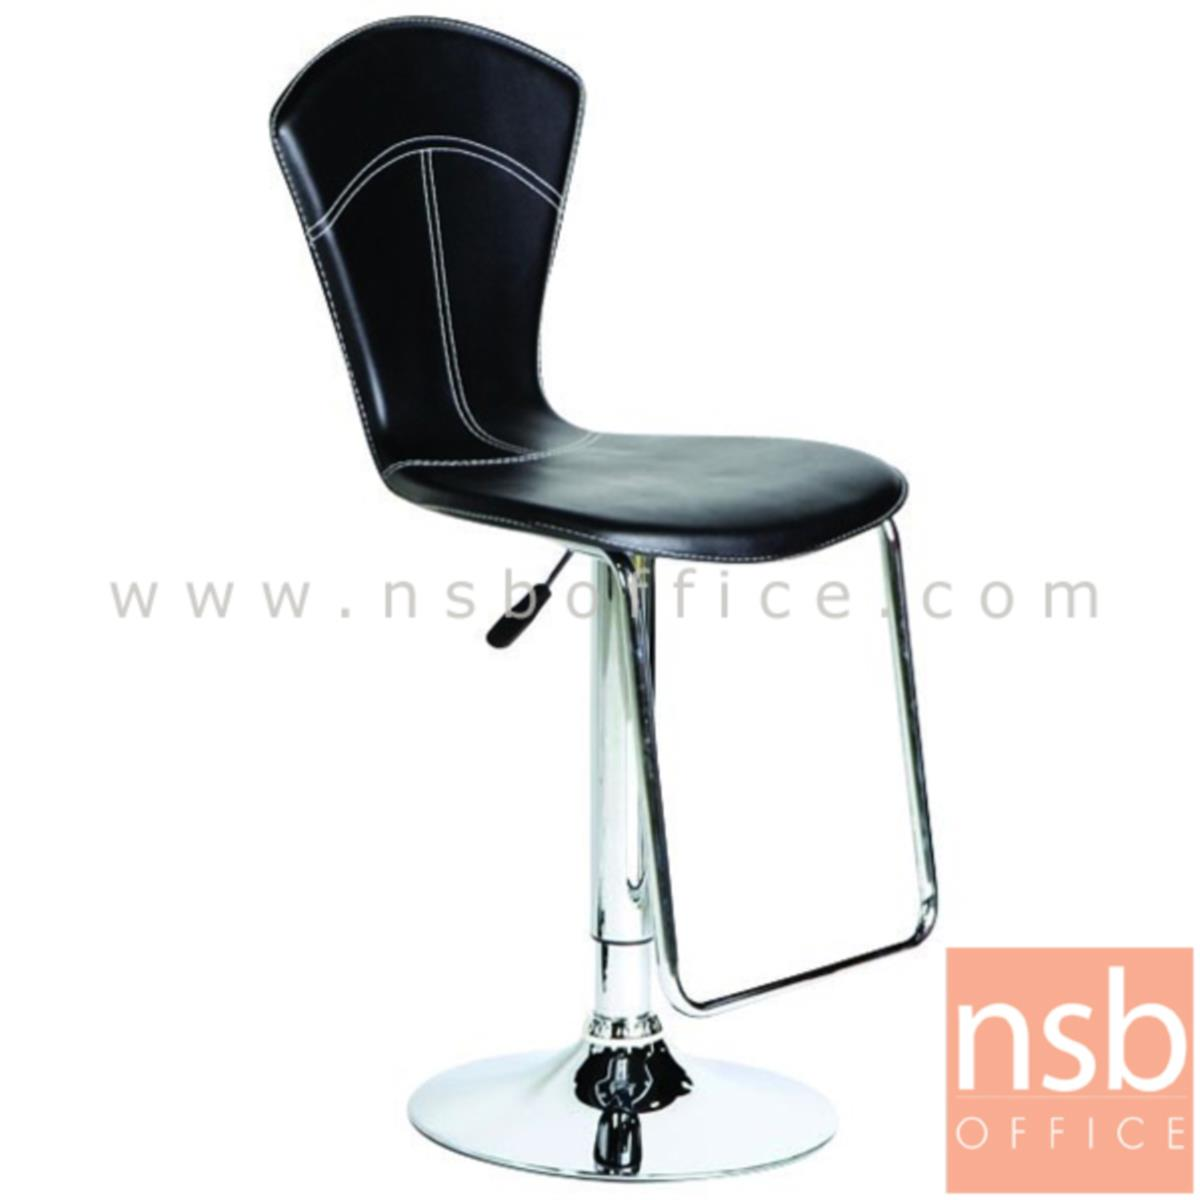 B09A119:เก้าอี้บาร์สูงหนังเทียม รุ่น Steiger (ชไตเกอร์) ขนาด 44W cm. โช๊คแก๊ส ขาโครเมี่ยมฐานจานกลม